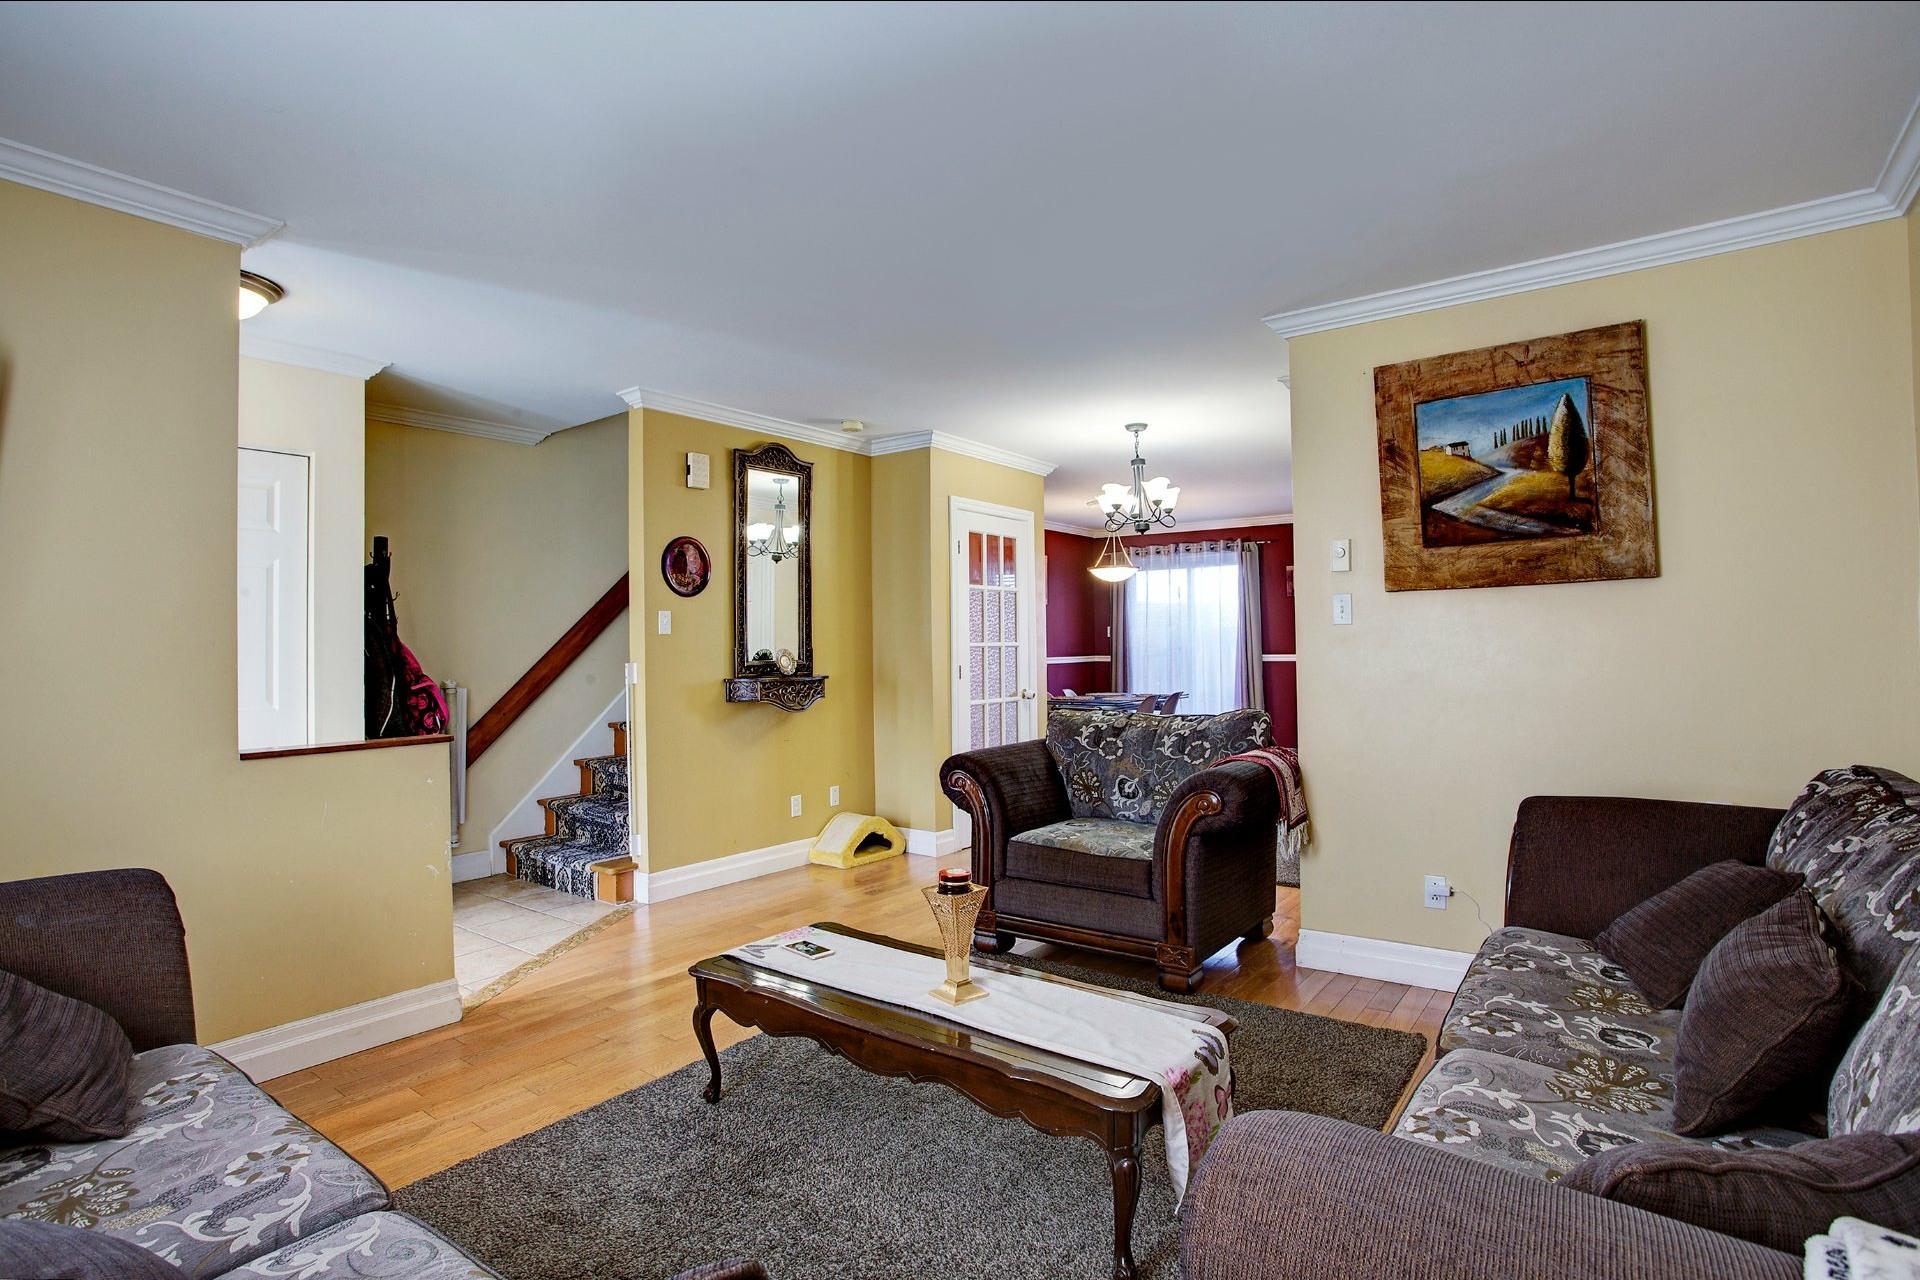 image 5 - House For sale Lachine Montréal  - 10 rooms